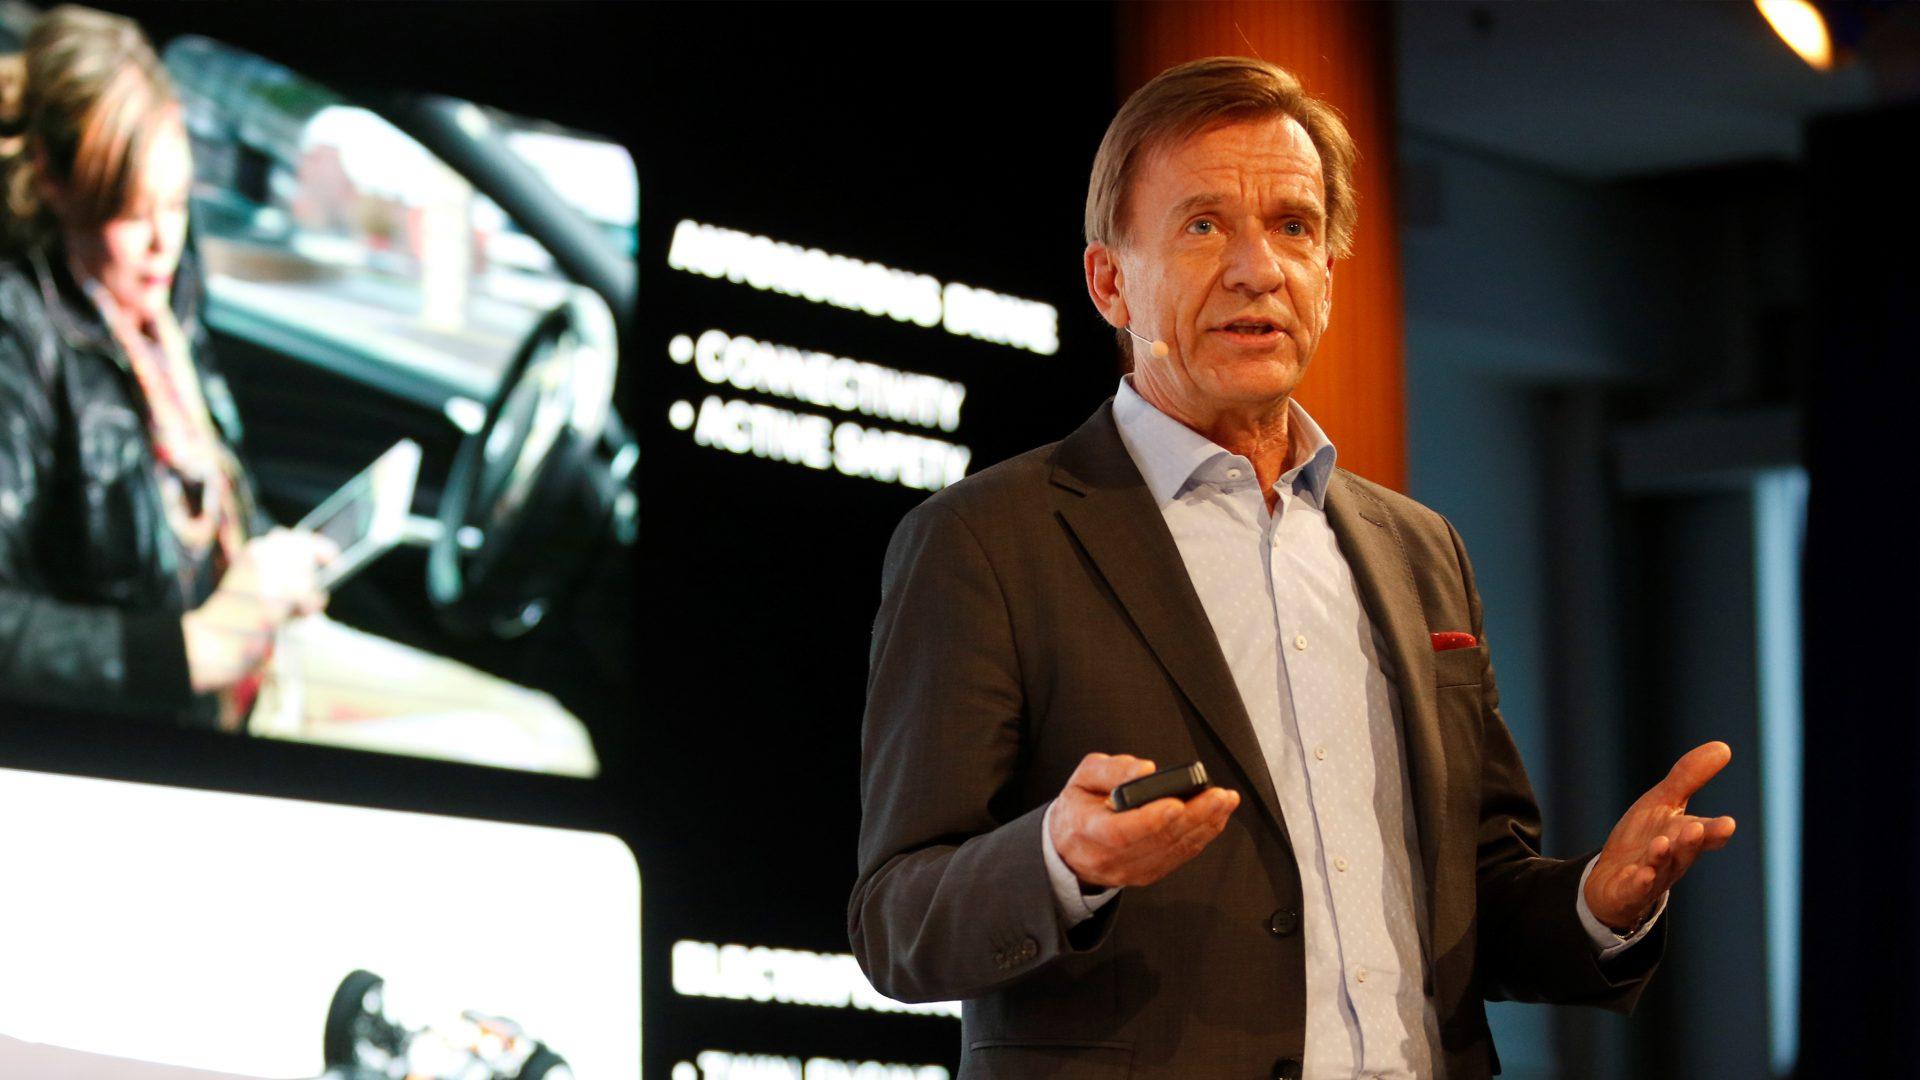 Volvo's Konzept zur Volvo's Entwicklung autonomer Fahrzeuge